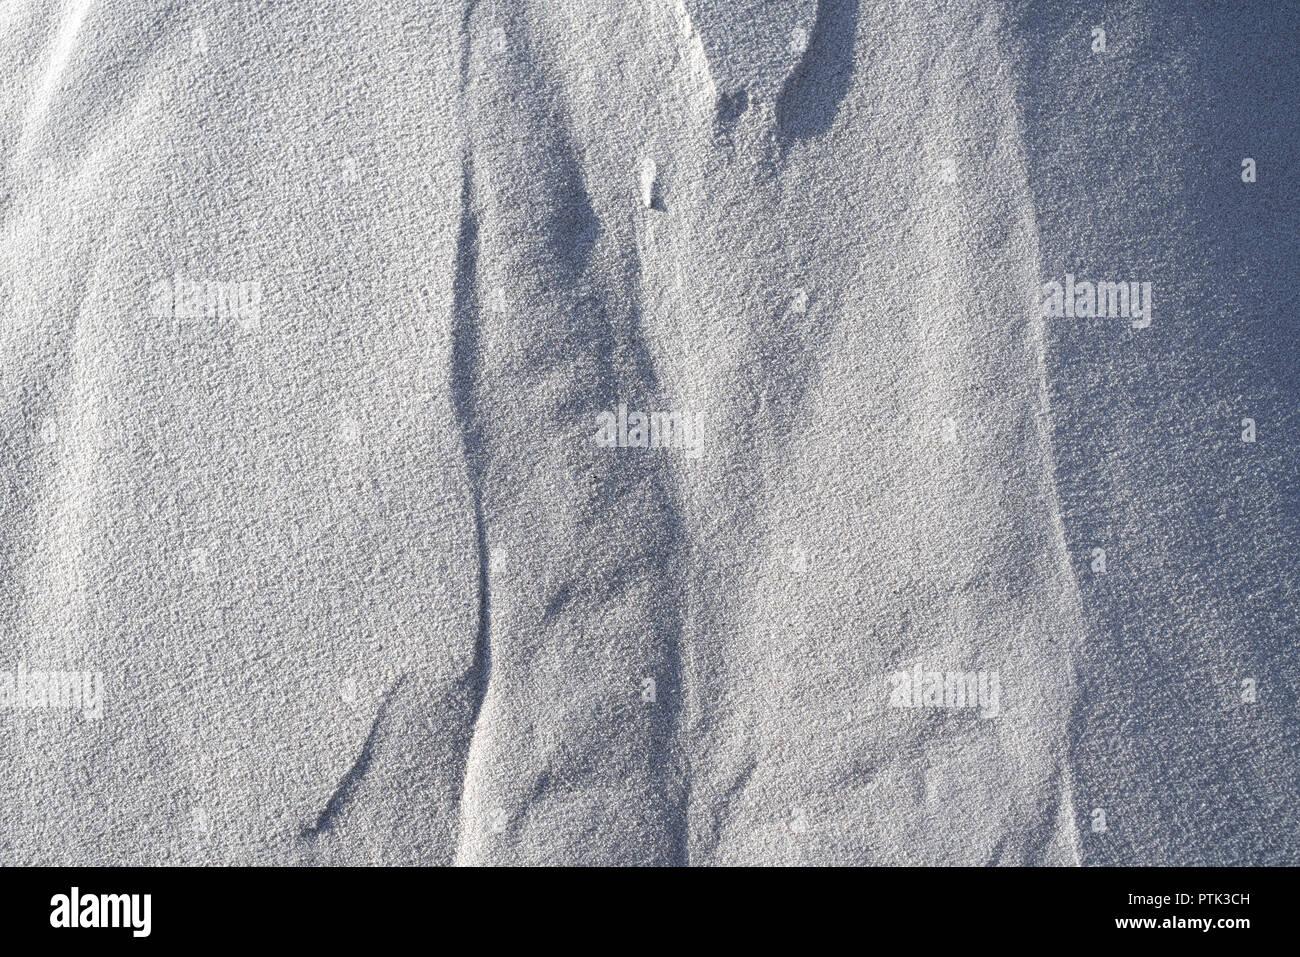 Dettaglio del materiale grezzo bianco sabbia di quarzo. Immagini Stock